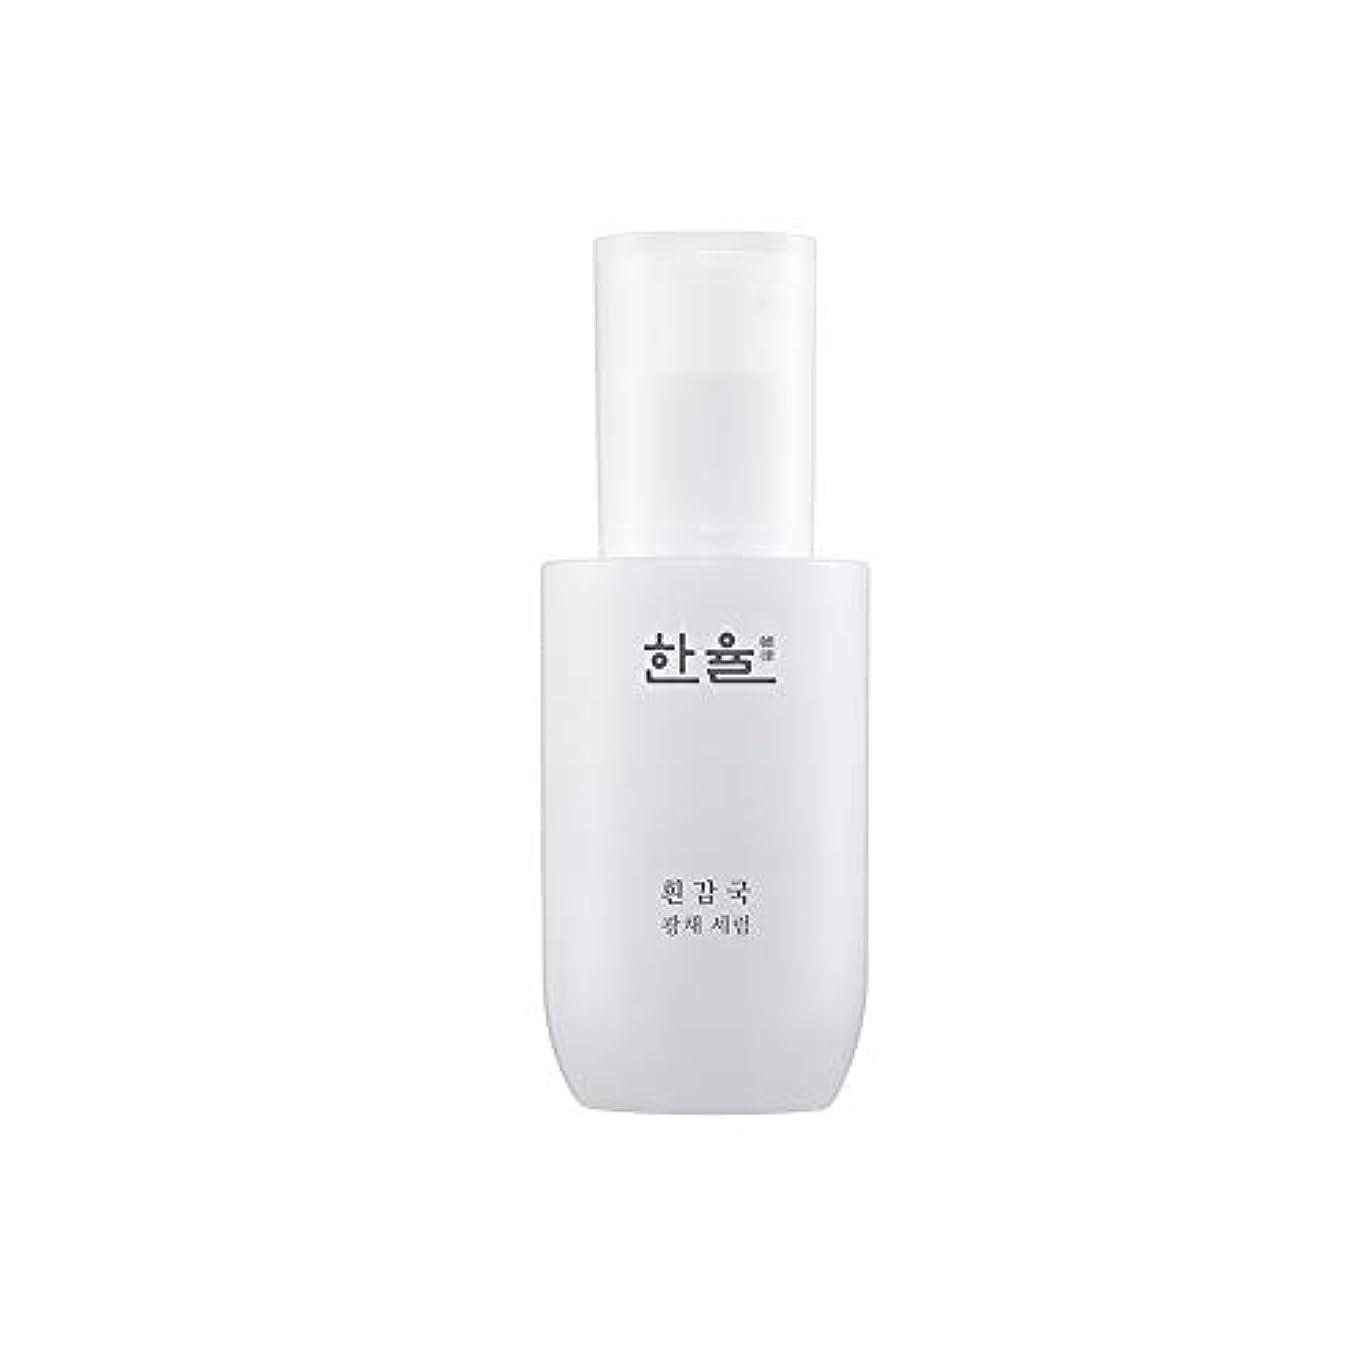 シャーマリン足【HANYUL公式】 ハンユル 白菊 光彩セラム 40ML / White Chrysanthemum Serum